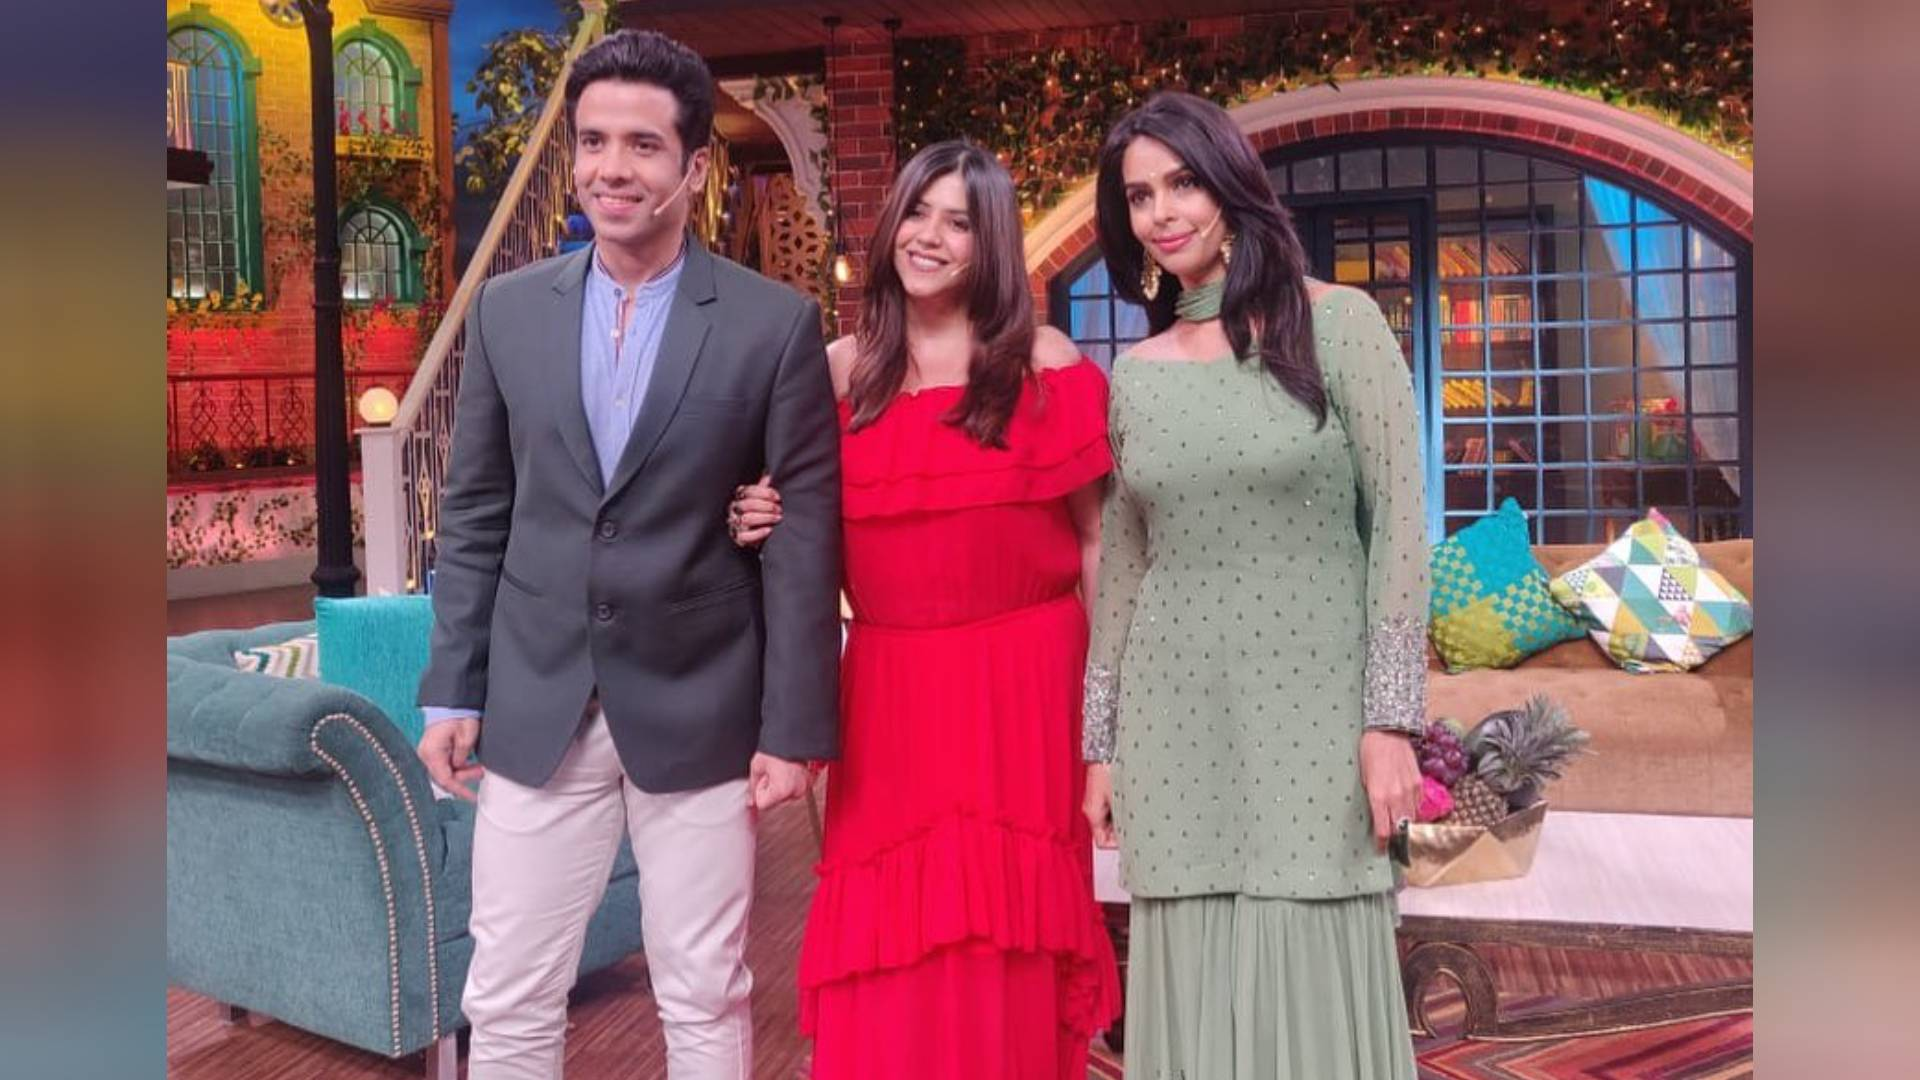 The Kapil Sharma Show: मल्लिका शेरावत ने किया खुलासा, एक्ट्रेस के पेट पर अंडा फ्राई करना चाहता था प्रोड्यूसर